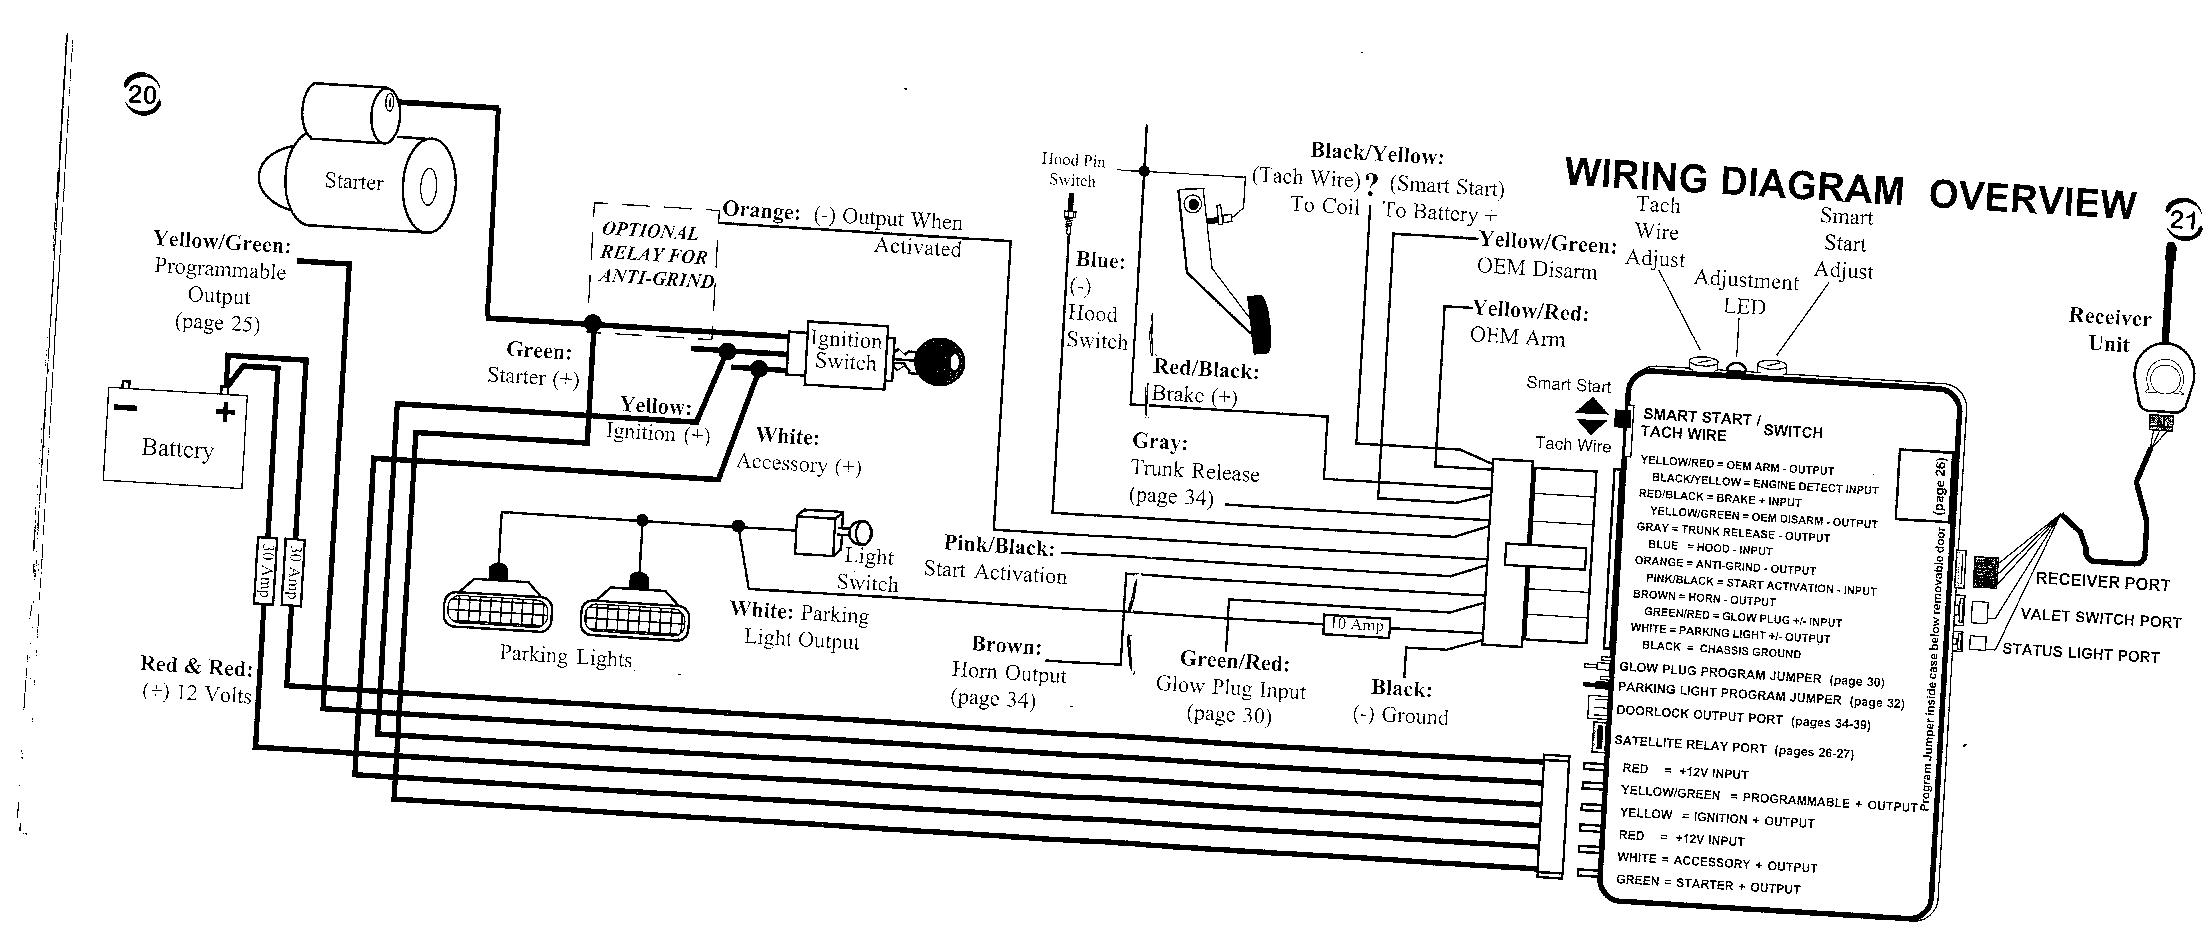 [FPWZ_2684]  Viper 771xv Wiring Diagram - A4 Fuse Box Cover for Wiring Diagram Schematics | Viper 771xv Wiring Diagram |  | Wiring Diagram Schematics